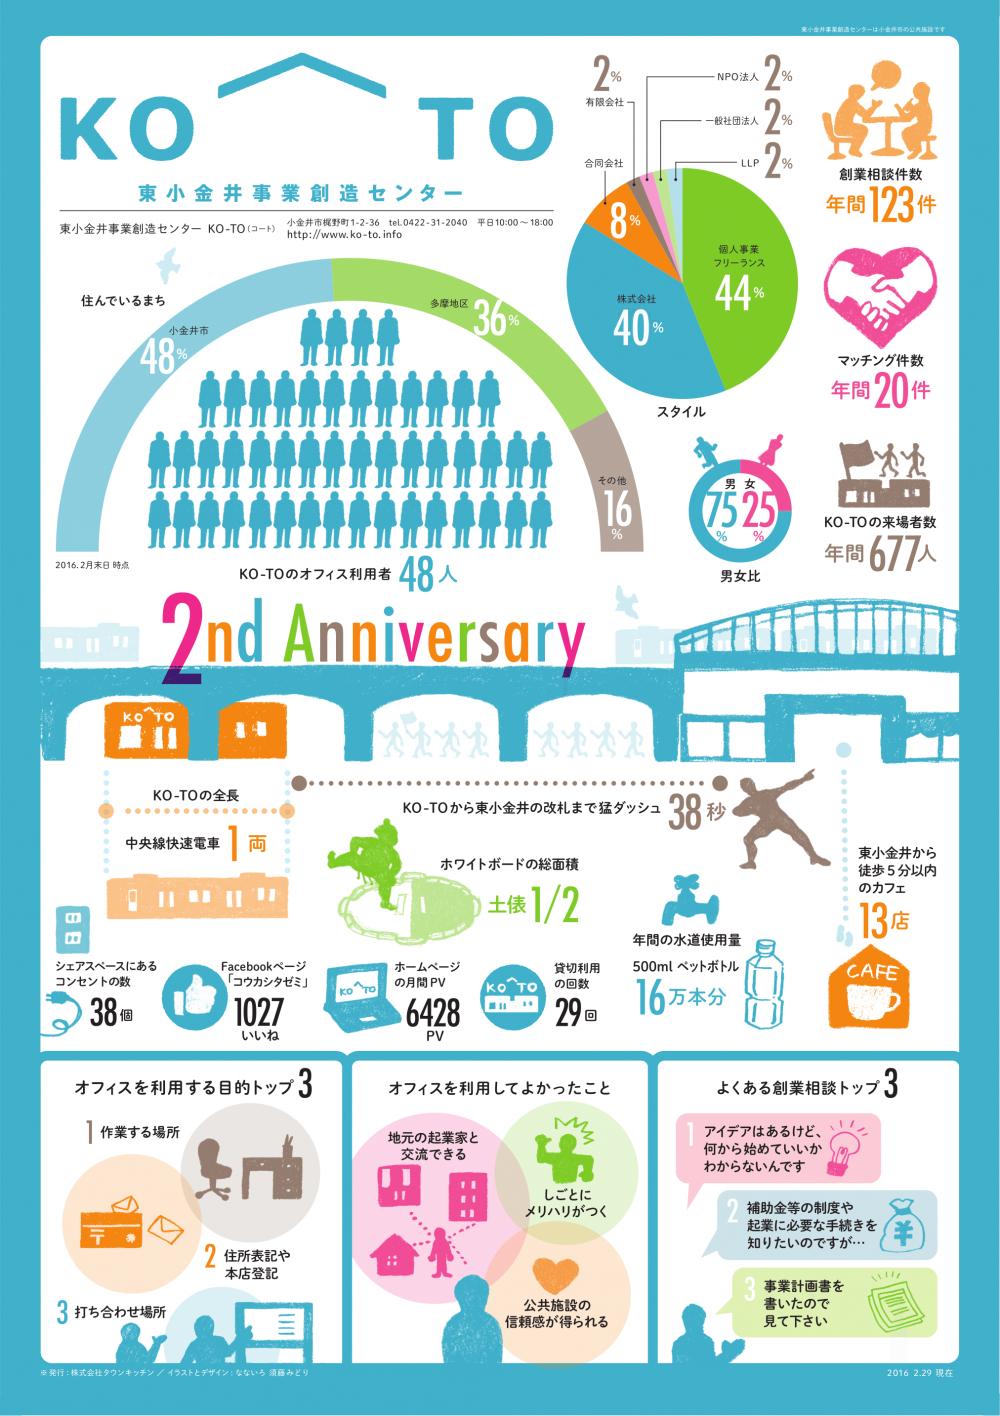 KO-TO 2th Anniversary!